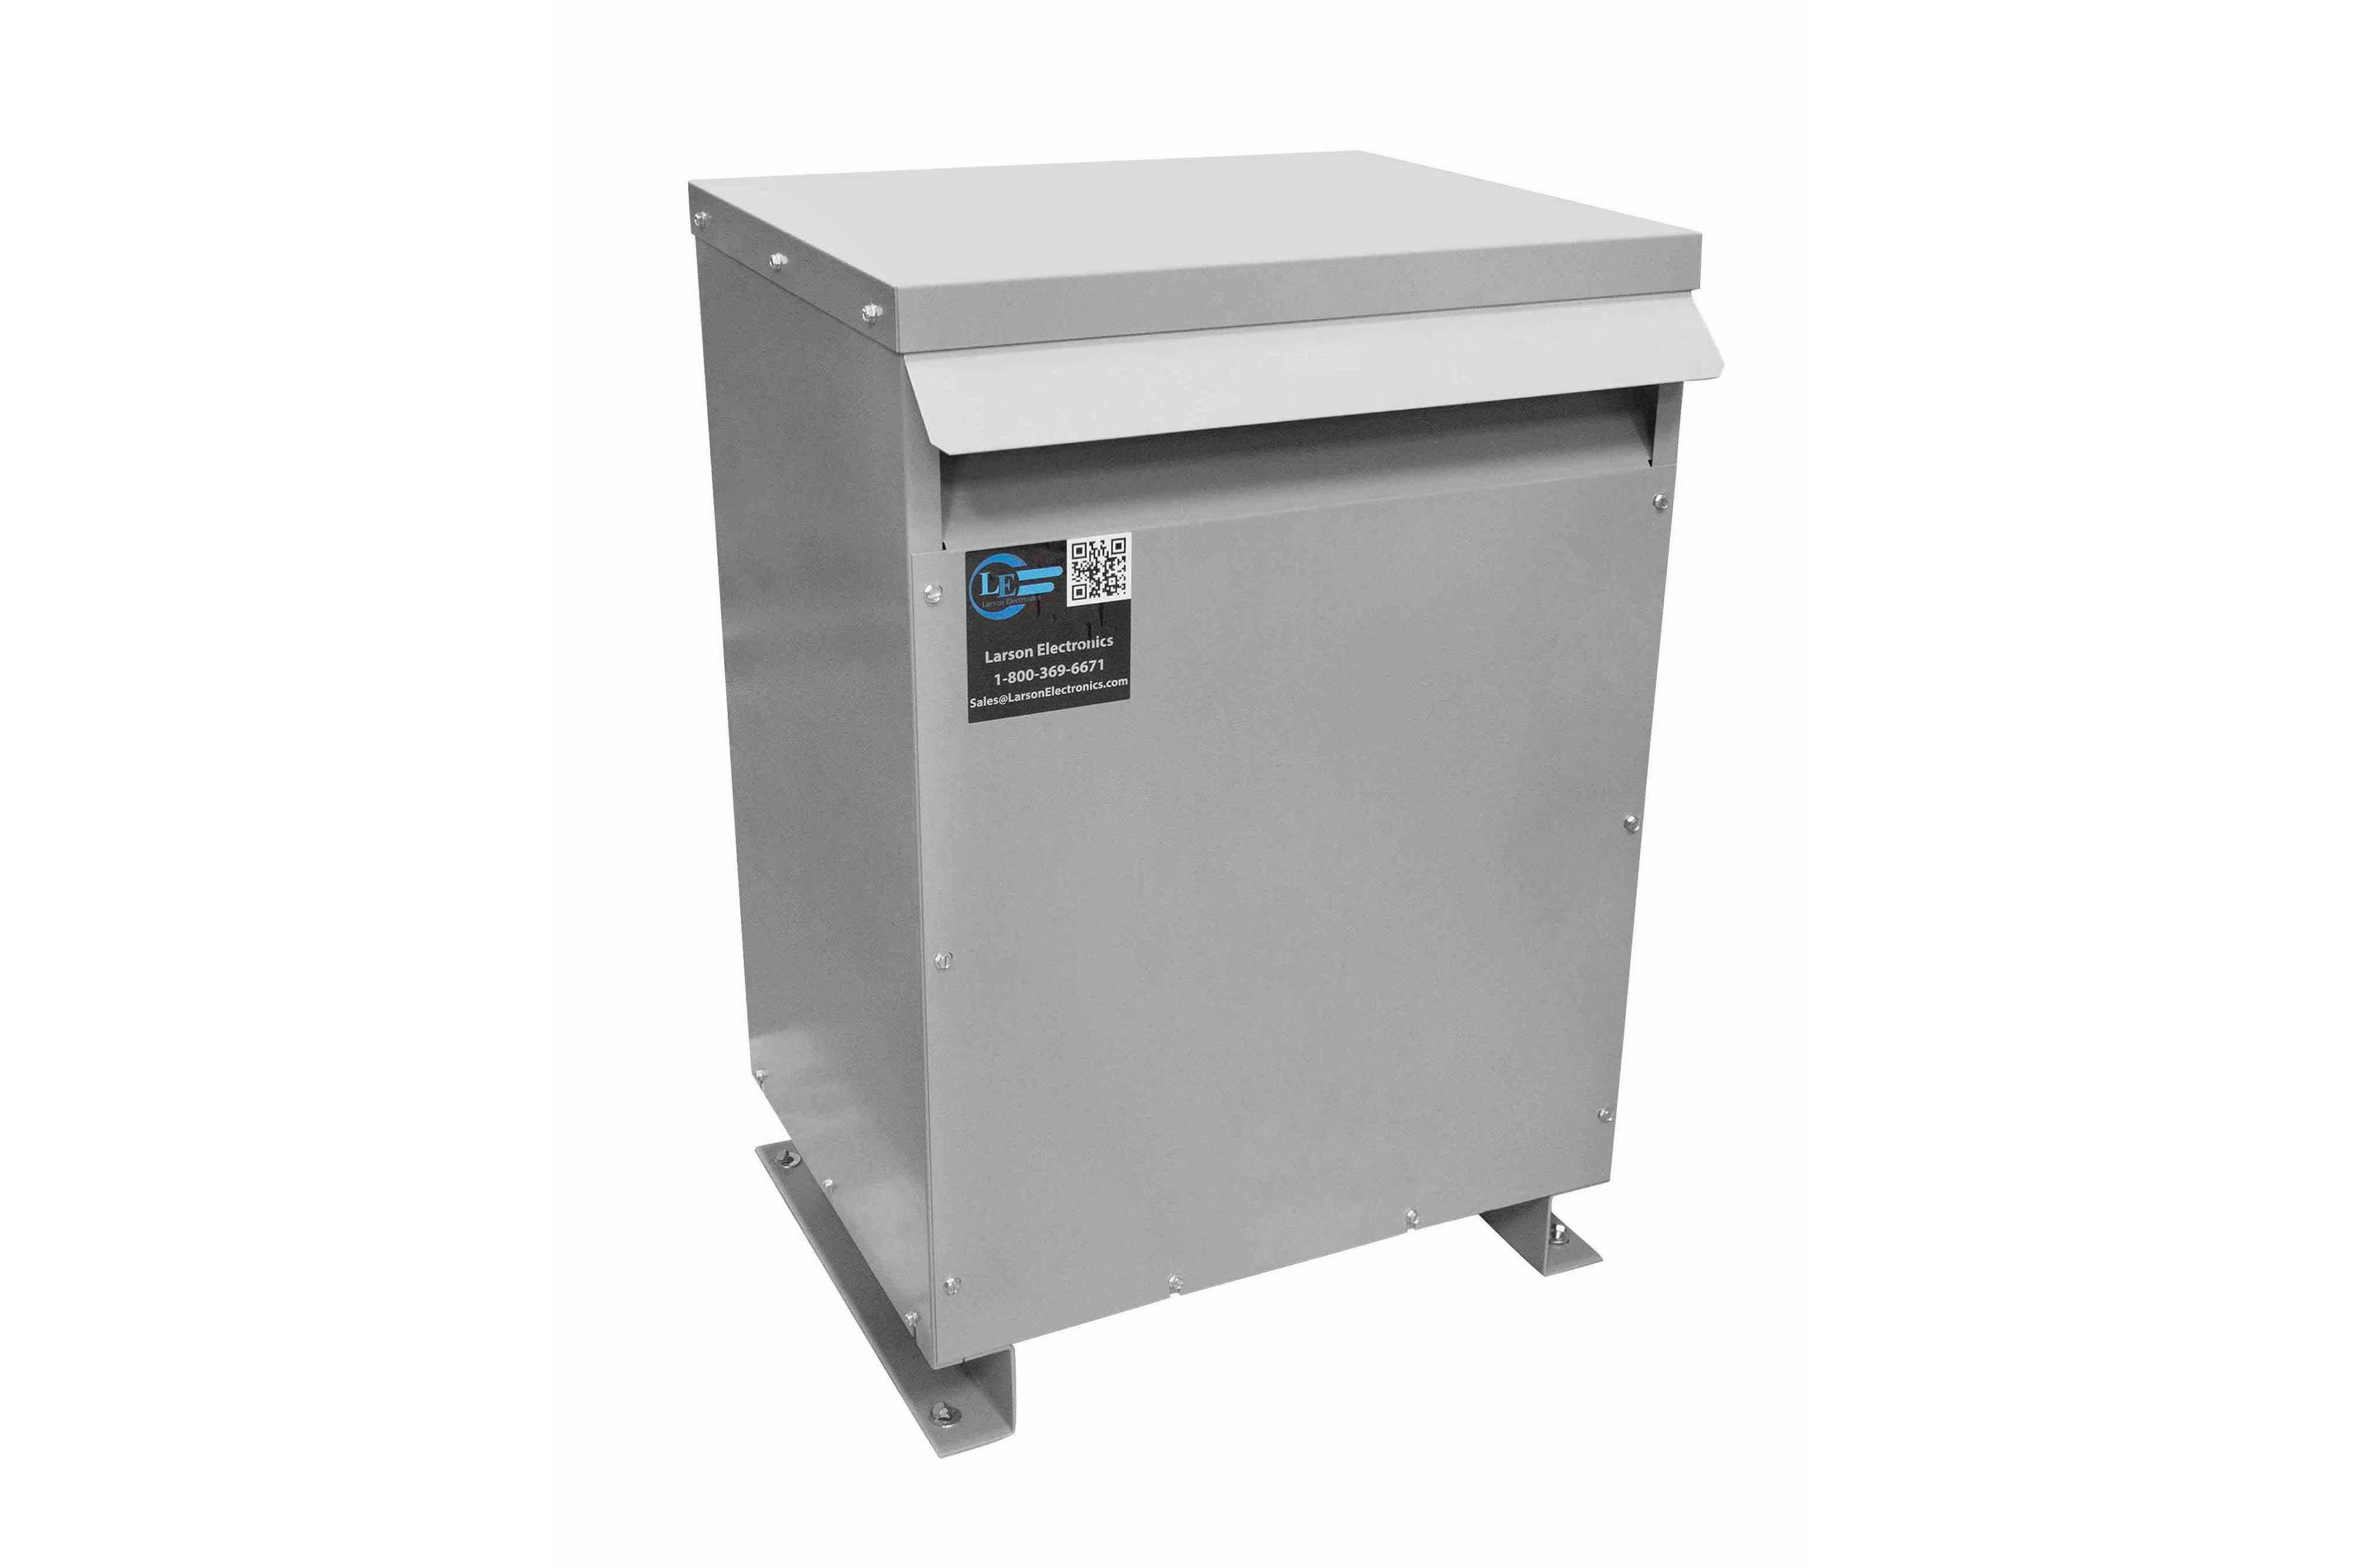 37.5 kVA 3PH Isolation Transformer, 415V Delta Primary, 600V Delta Secondary, N3R, Ventilated, 60 Hz